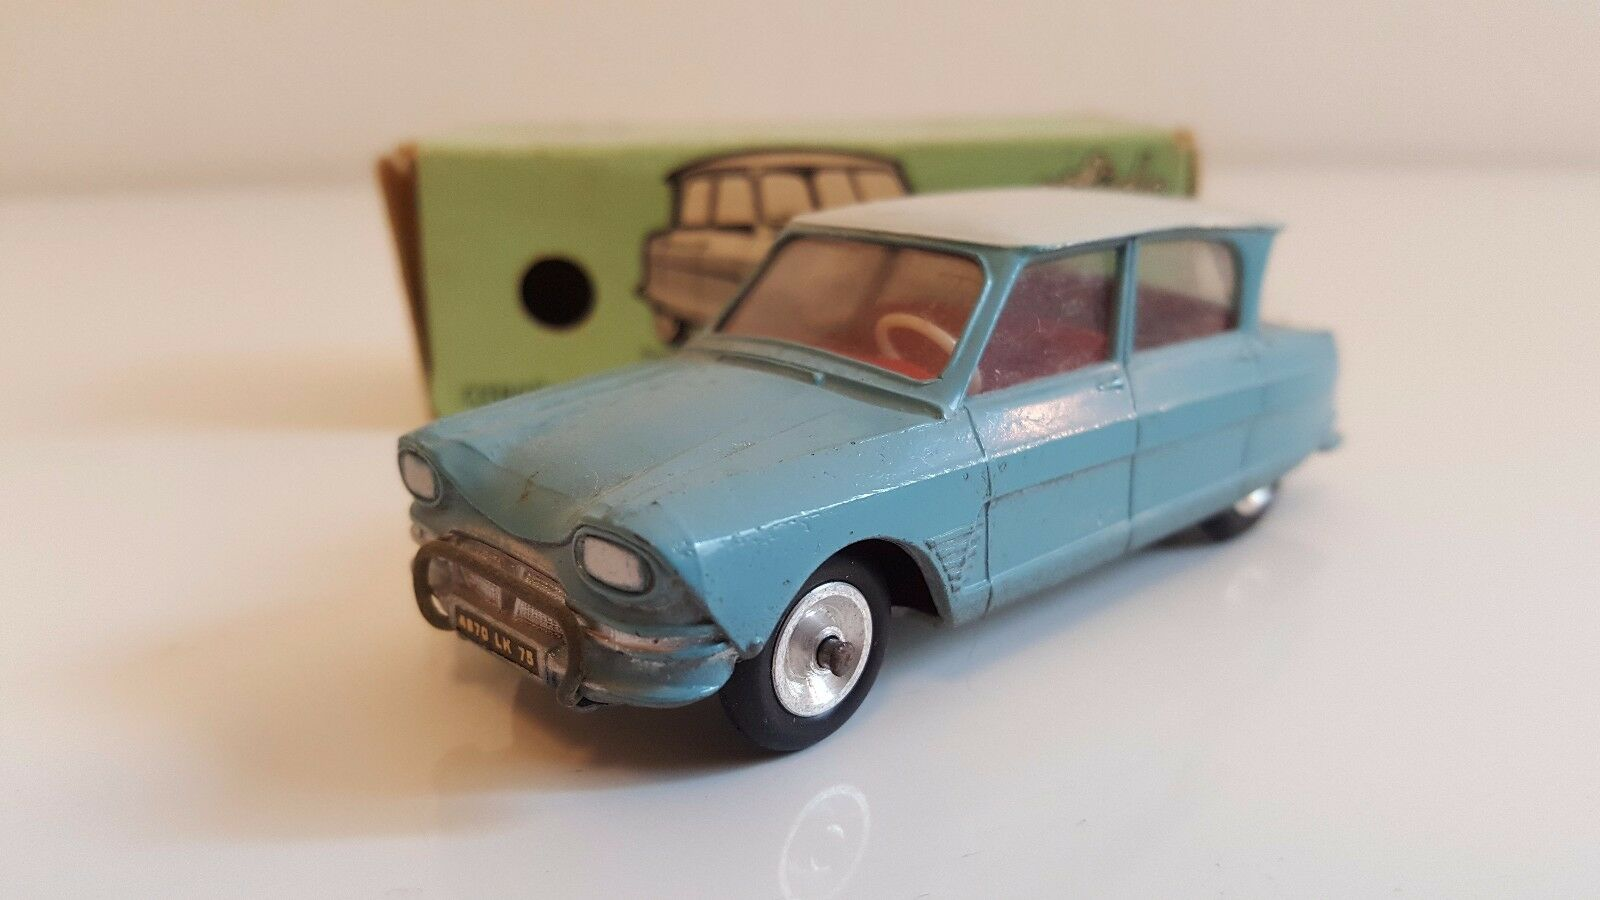 Solido - 114 - Citroën Ami 6 en boîte d'origine (Années 60)